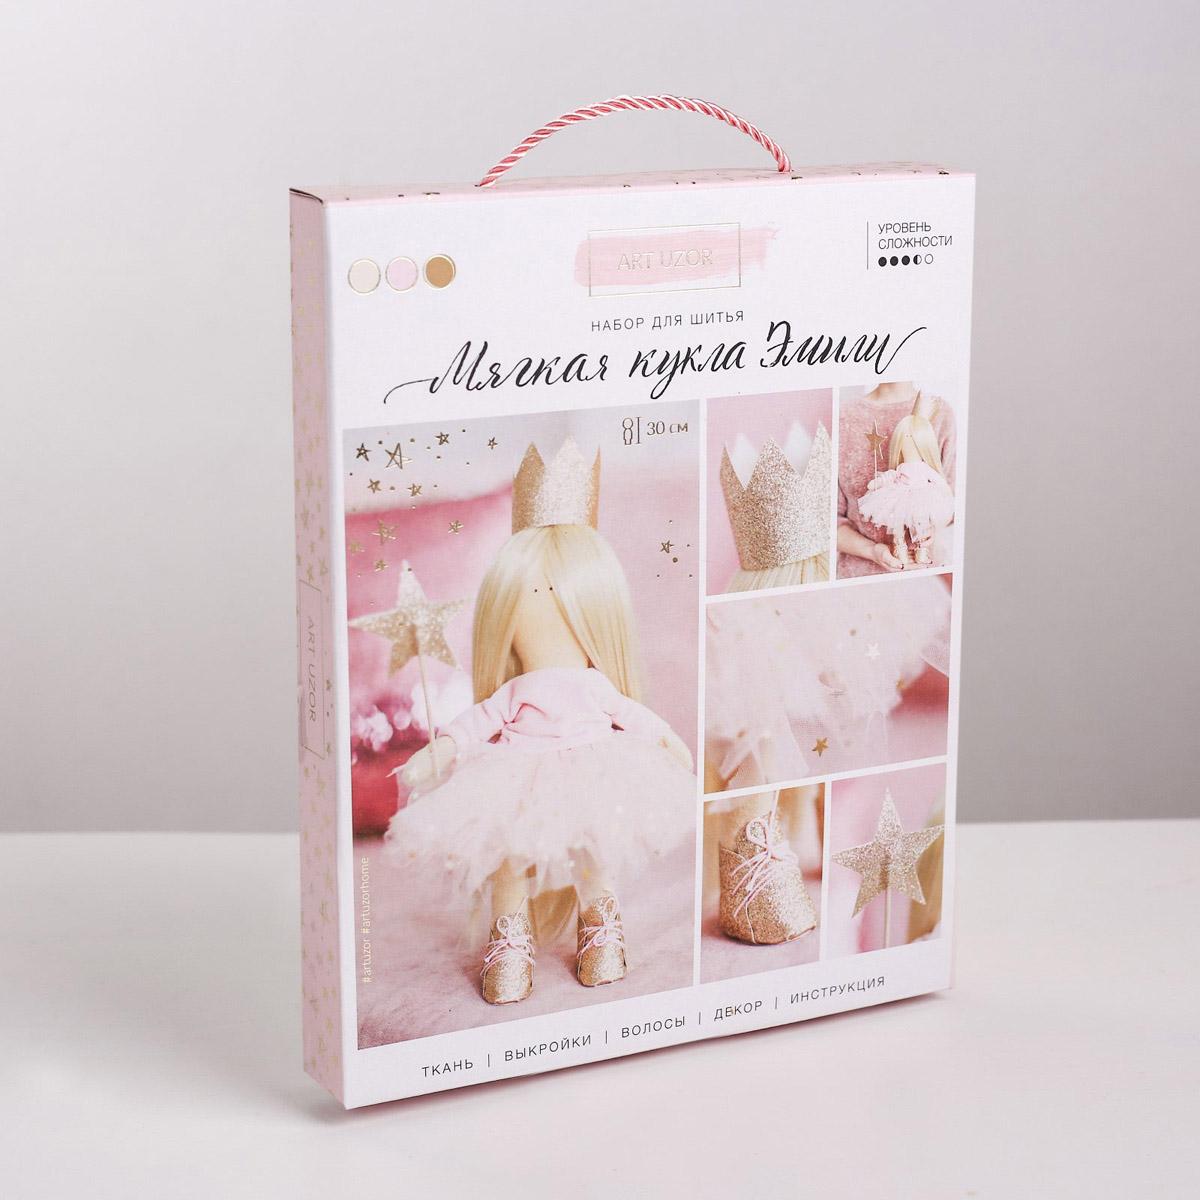 3548660 Интерьерная кукла «Эмили», набор для шитья, 18 *22,5 *3 см